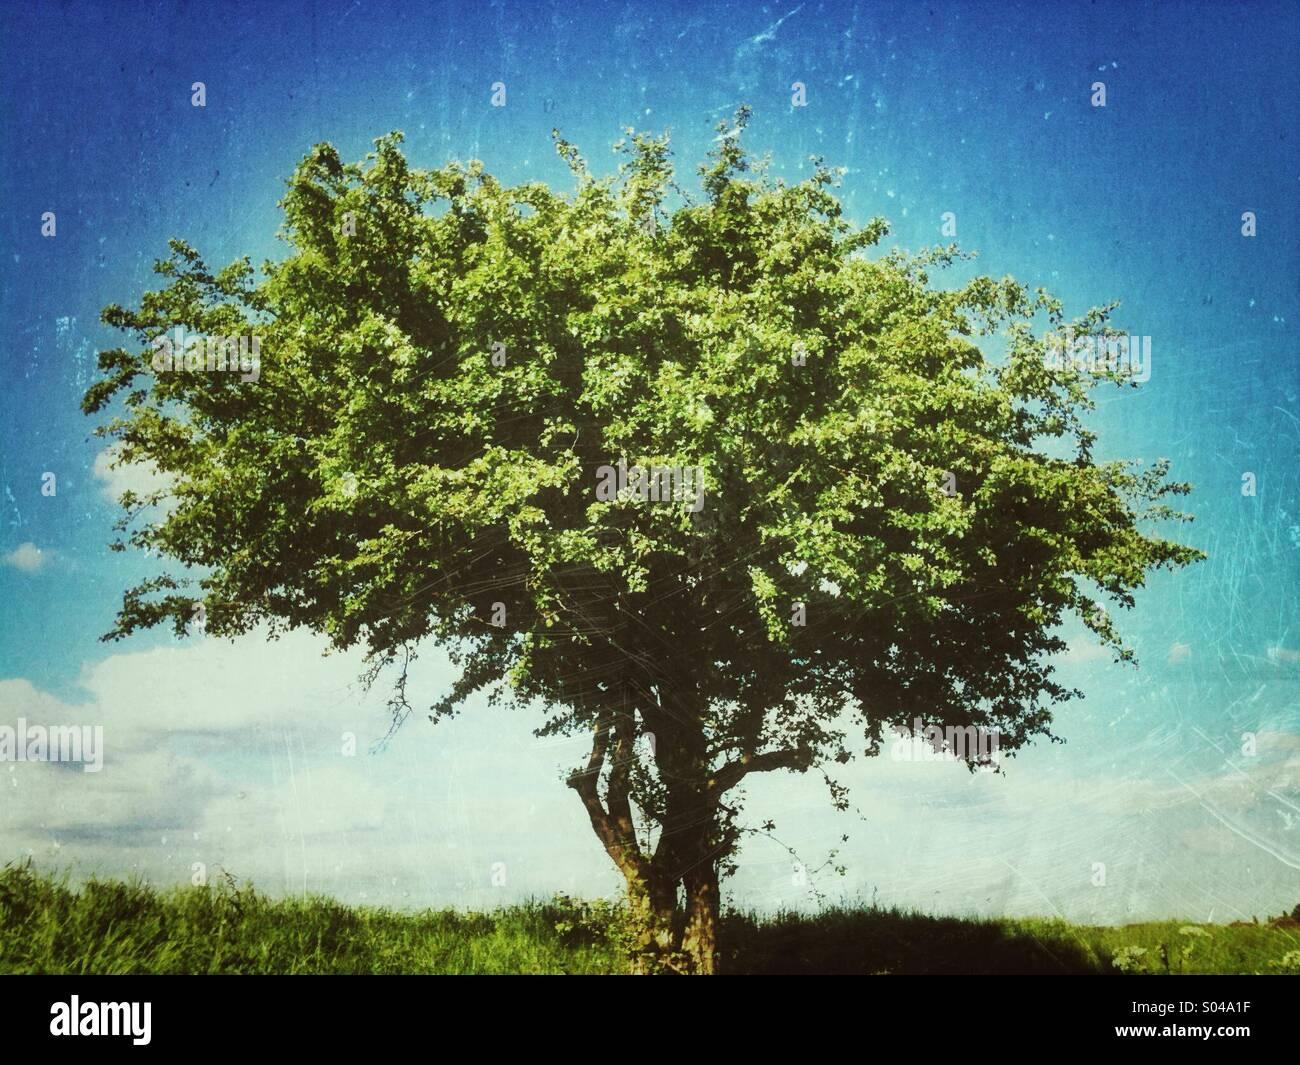 Baum mit Grunge-Effekt angewendet Stockbild